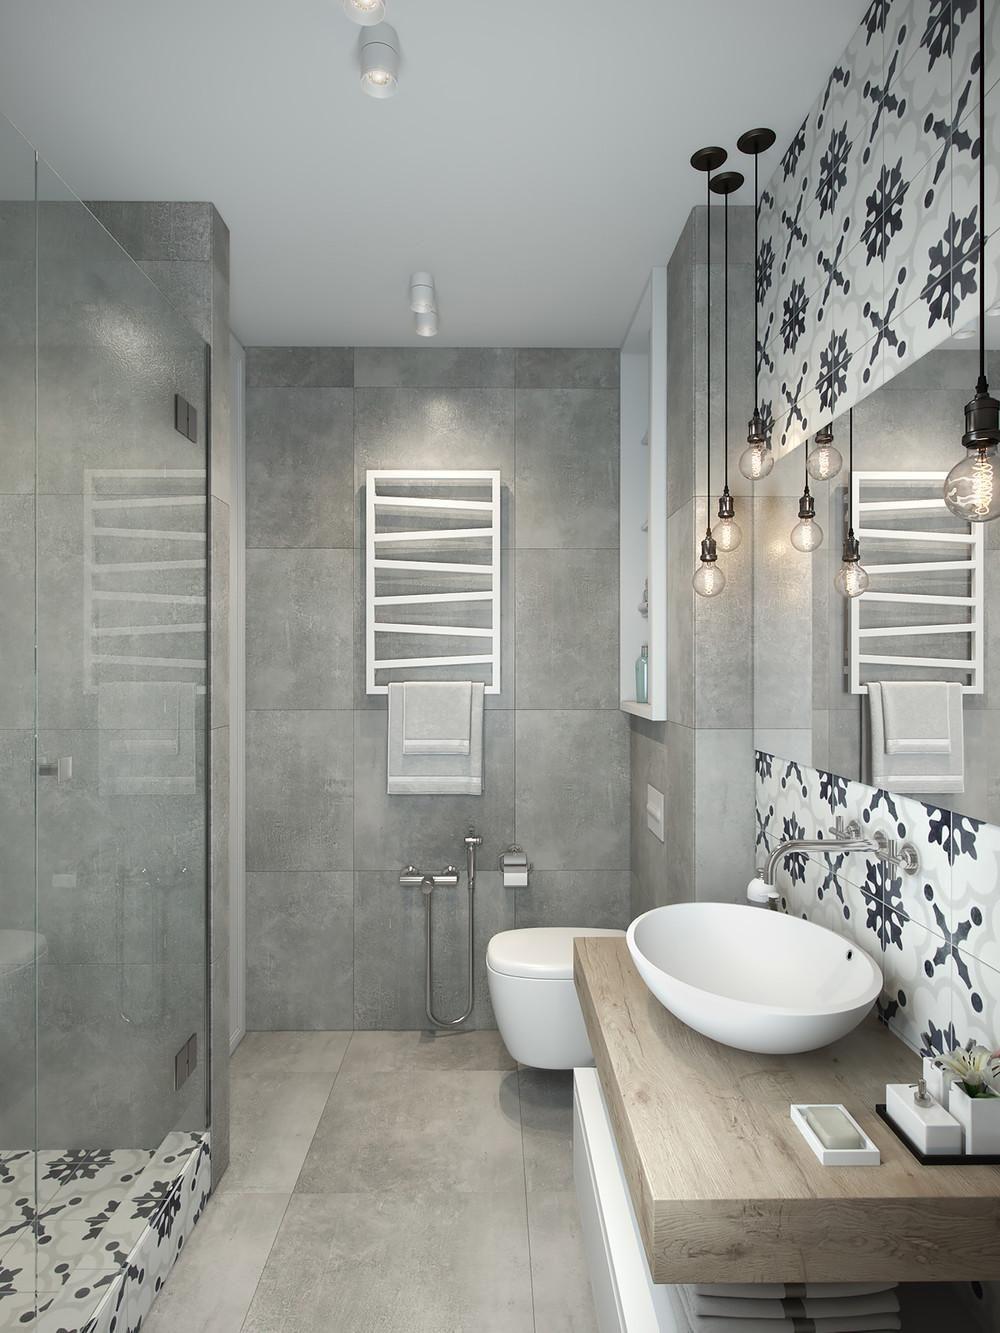 Kleines hotelbadezimmerdesign kleine wohnung dekor  modedesigns  haus and interiors